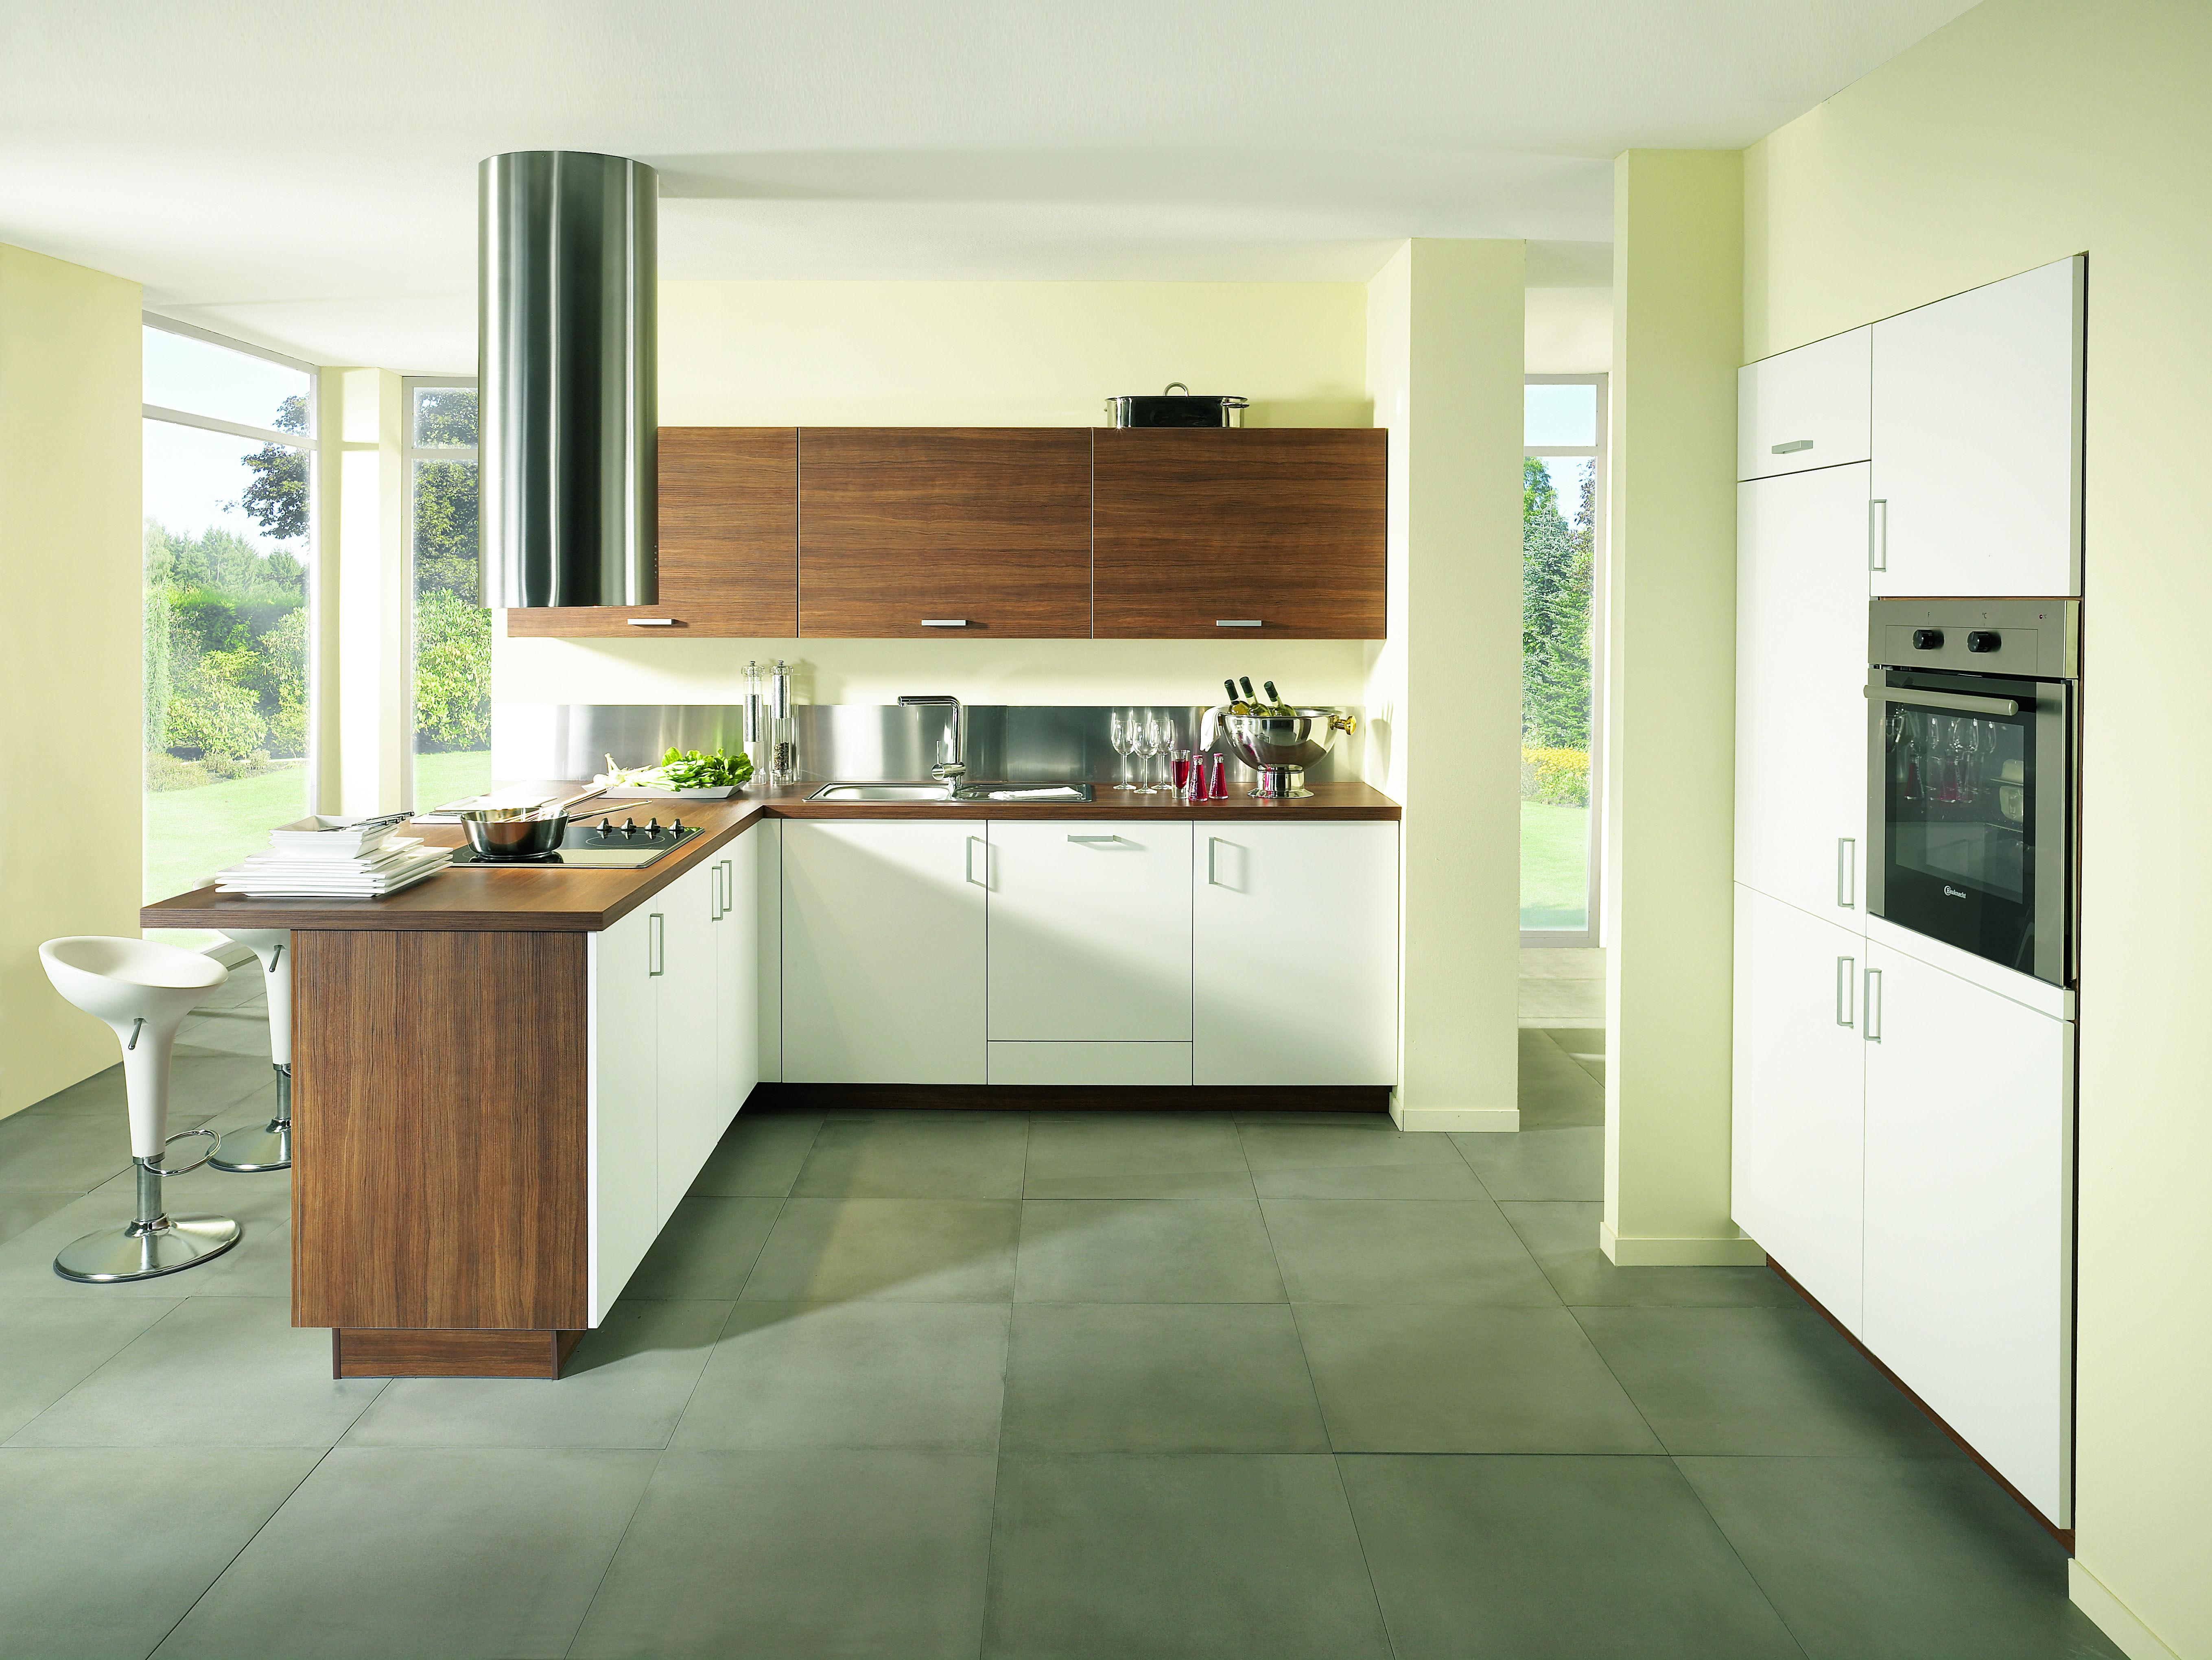 Cabinet ideas | European kitchens, European kitchen design ...